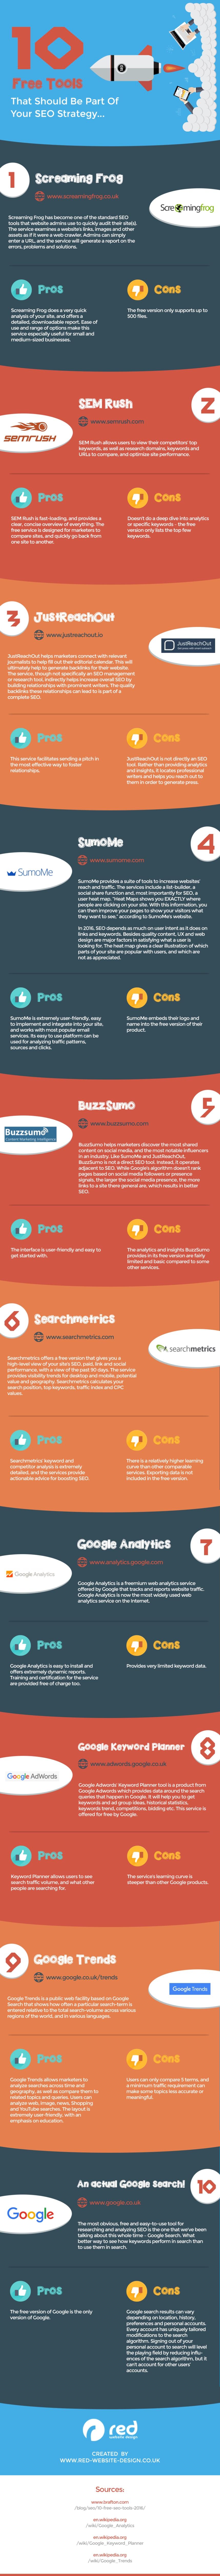 10 herramientas gratuitas que deben formar parte de tu estrategia SEO